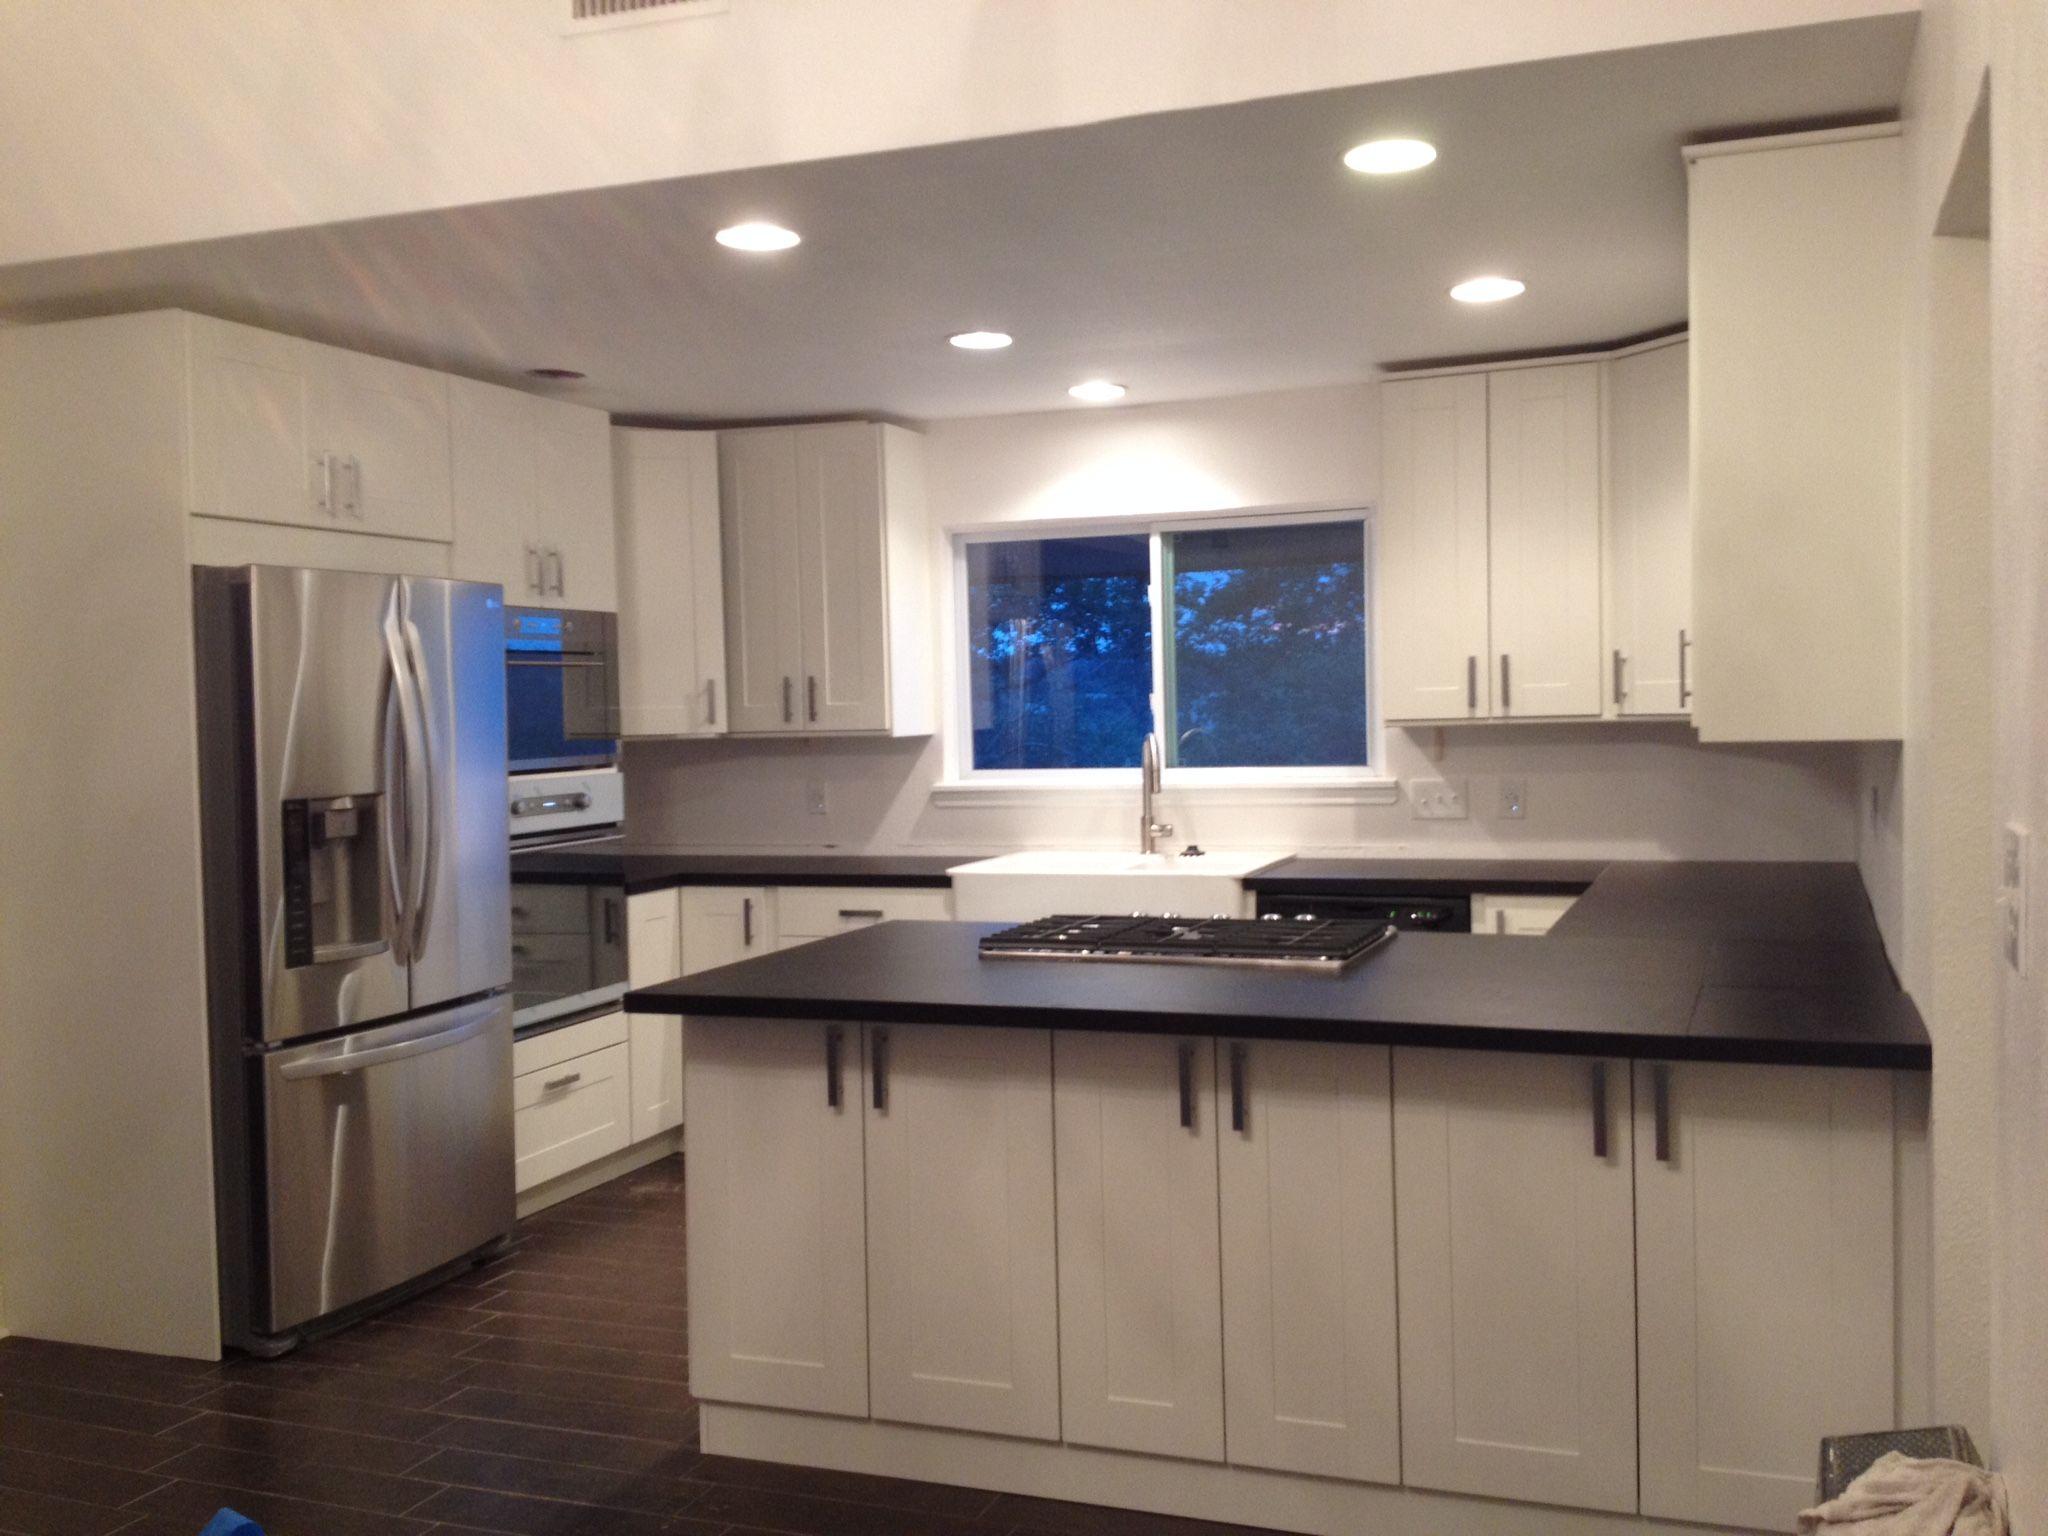 Kleine Küche Renovieren Kosten Küchenschrank Renovieren ...